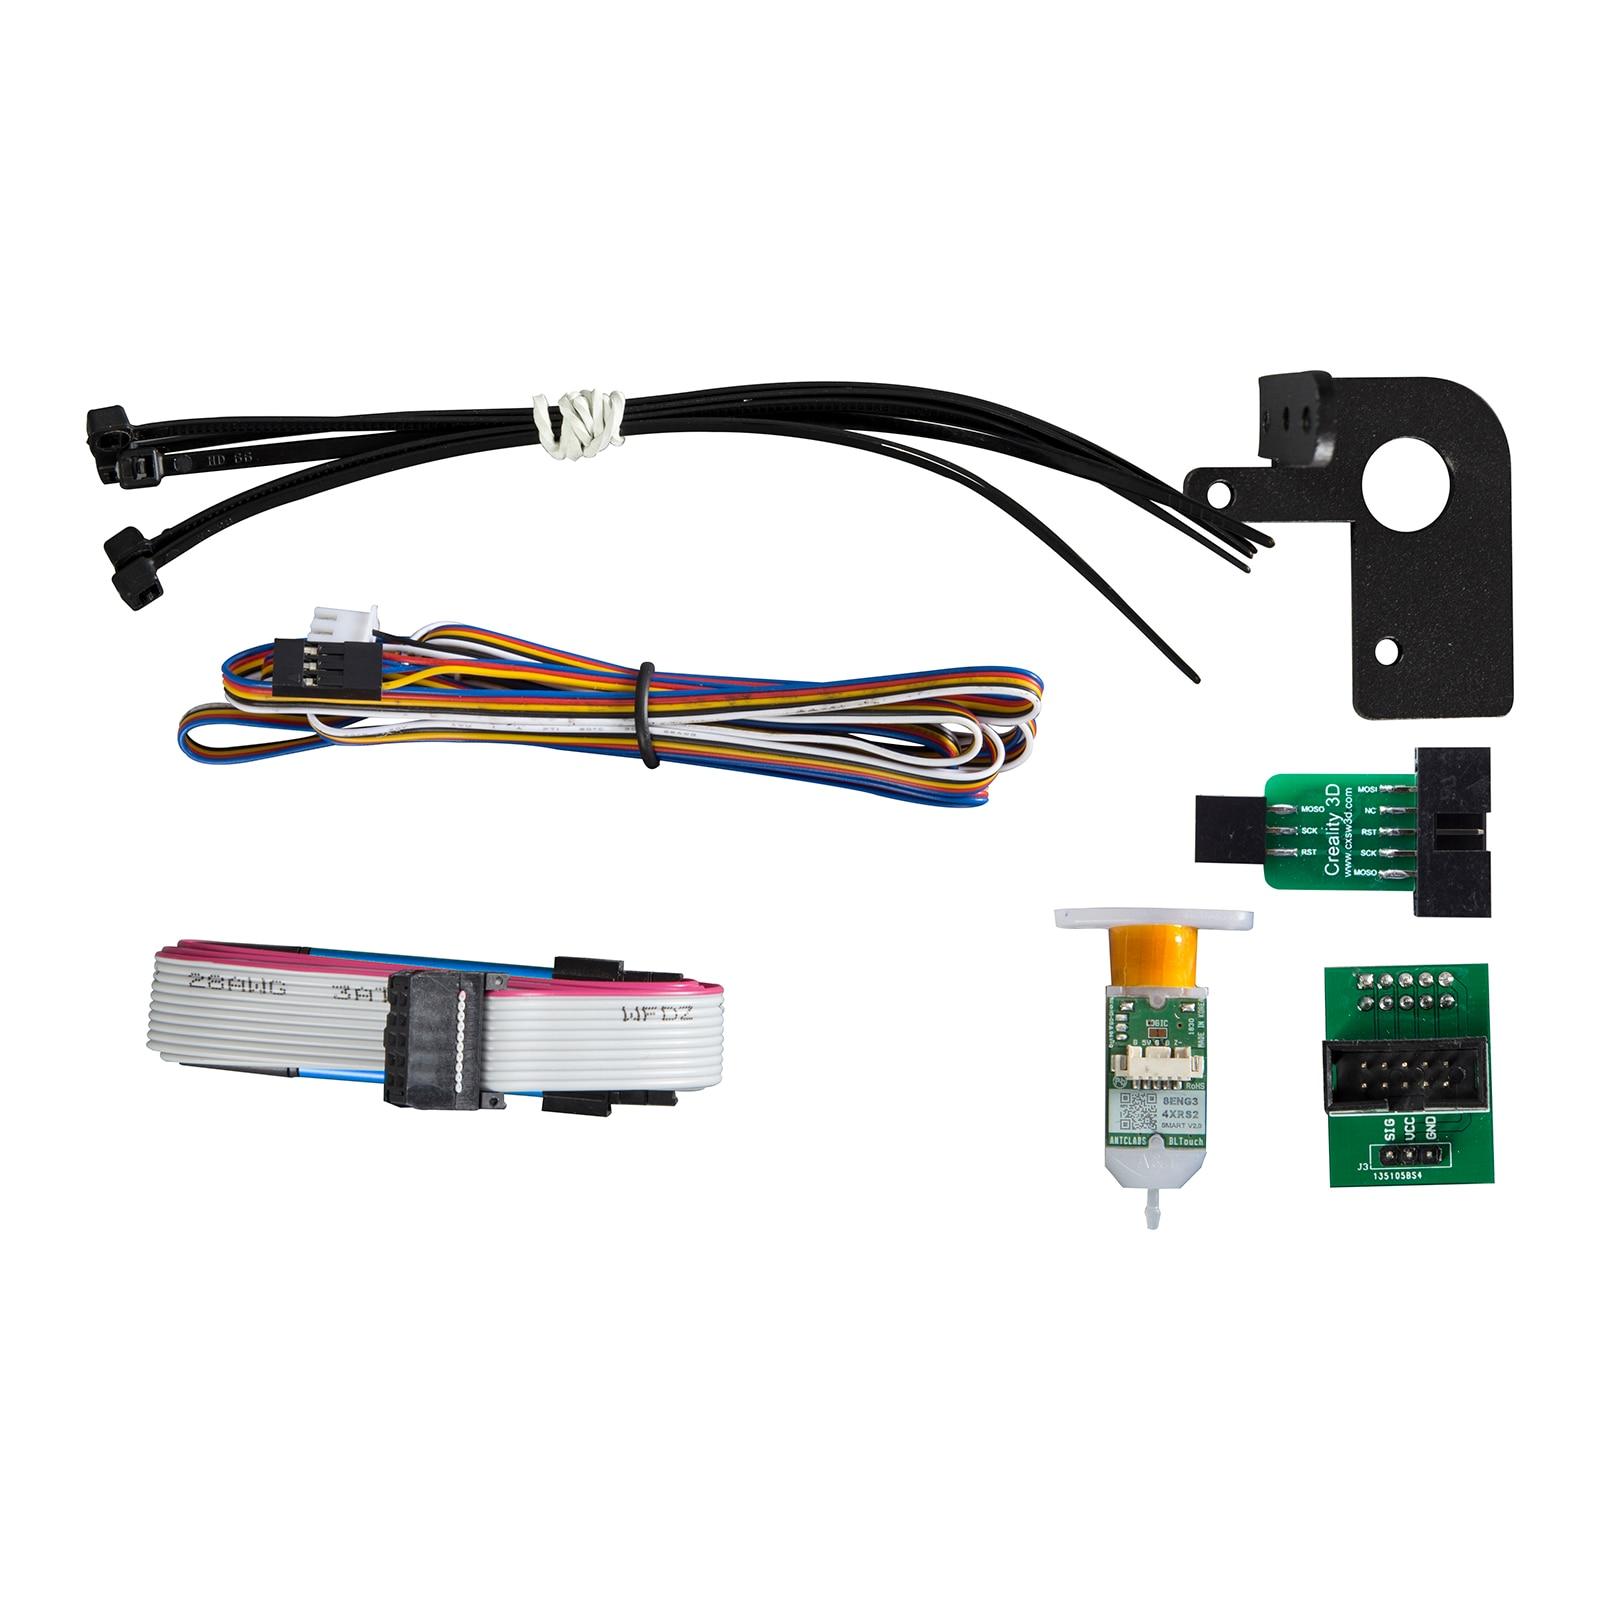 Pièce d'imprimante 3D BL Touch capteur de nivellement de lit automatique pour imprimante 3D CR-10CR-10SPROENDER-3 Kits d'accessoires de remplacement